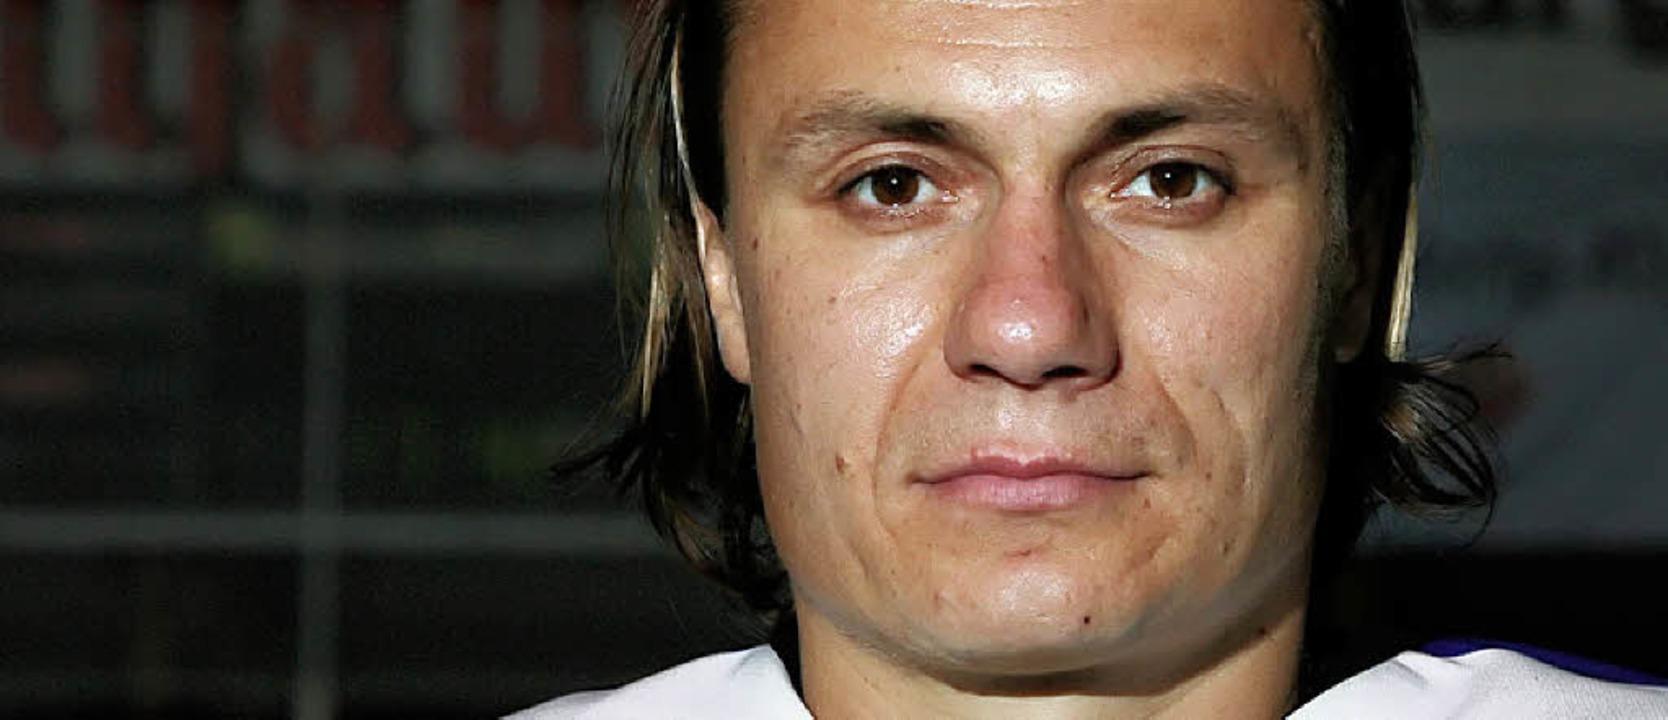 Ihn plagt seit Wochen der Rücken: der tschechische Angreifer Roman Kadera   | Foto: seeger